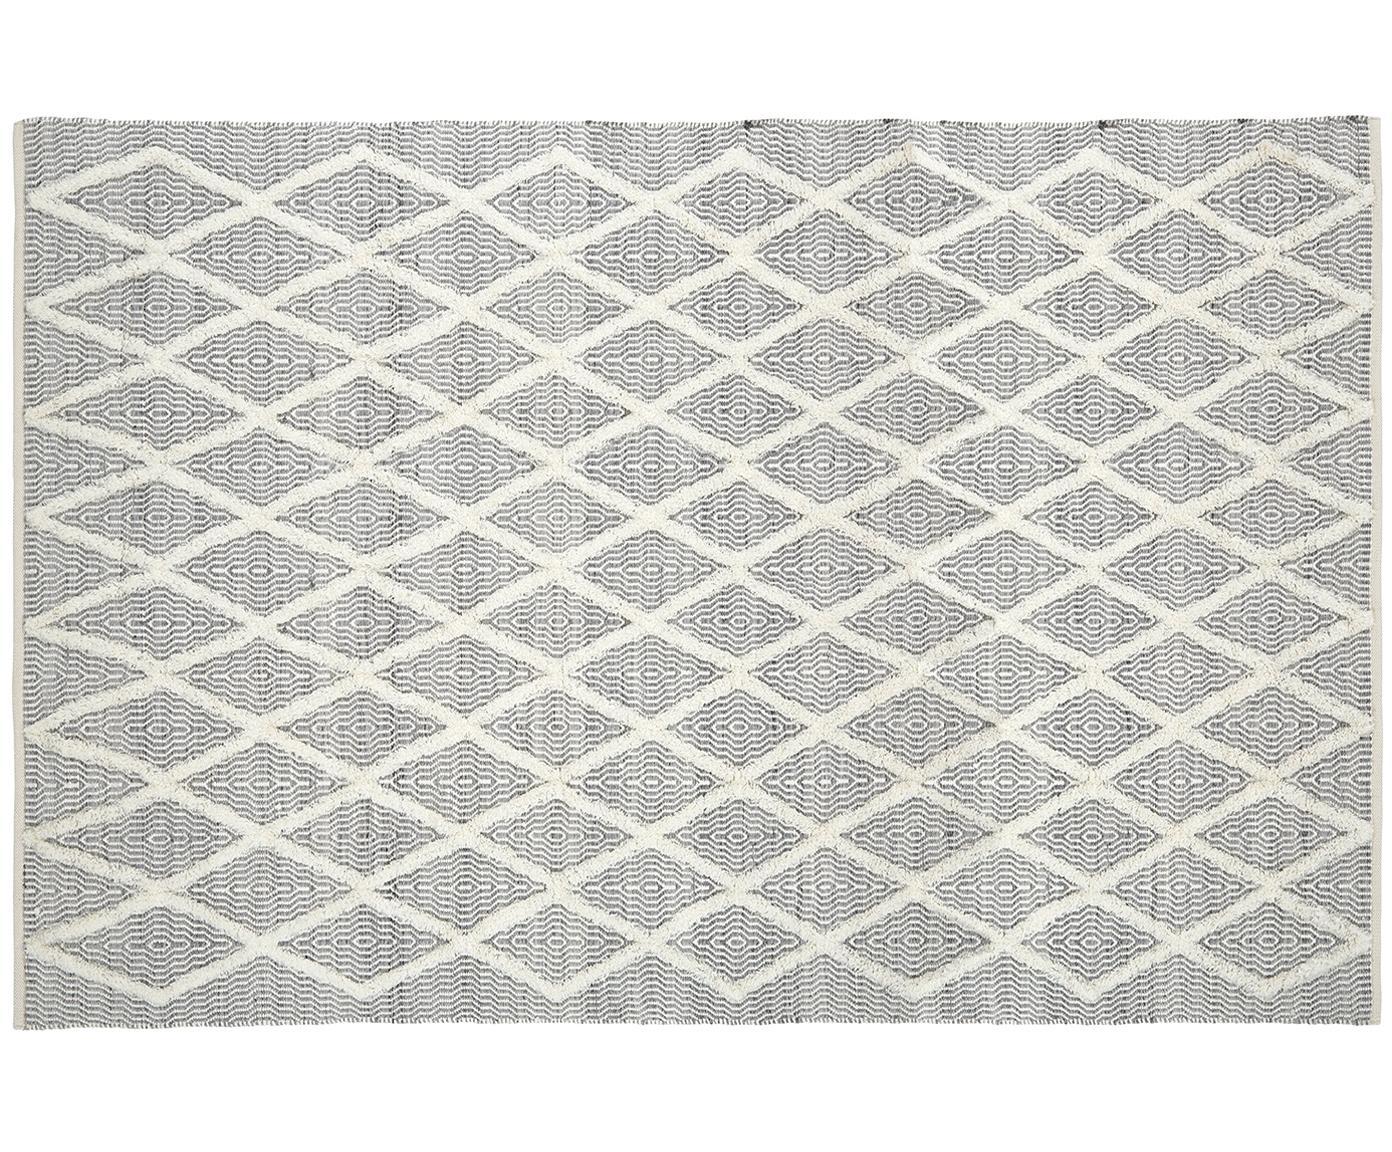 Handgetuft vloerkleed Lucas, Bovenzijde: 60% wol, 40% katoen, Onderzijde: 100% katoen, Grijs, B 200 x L 300 cm (maat L)